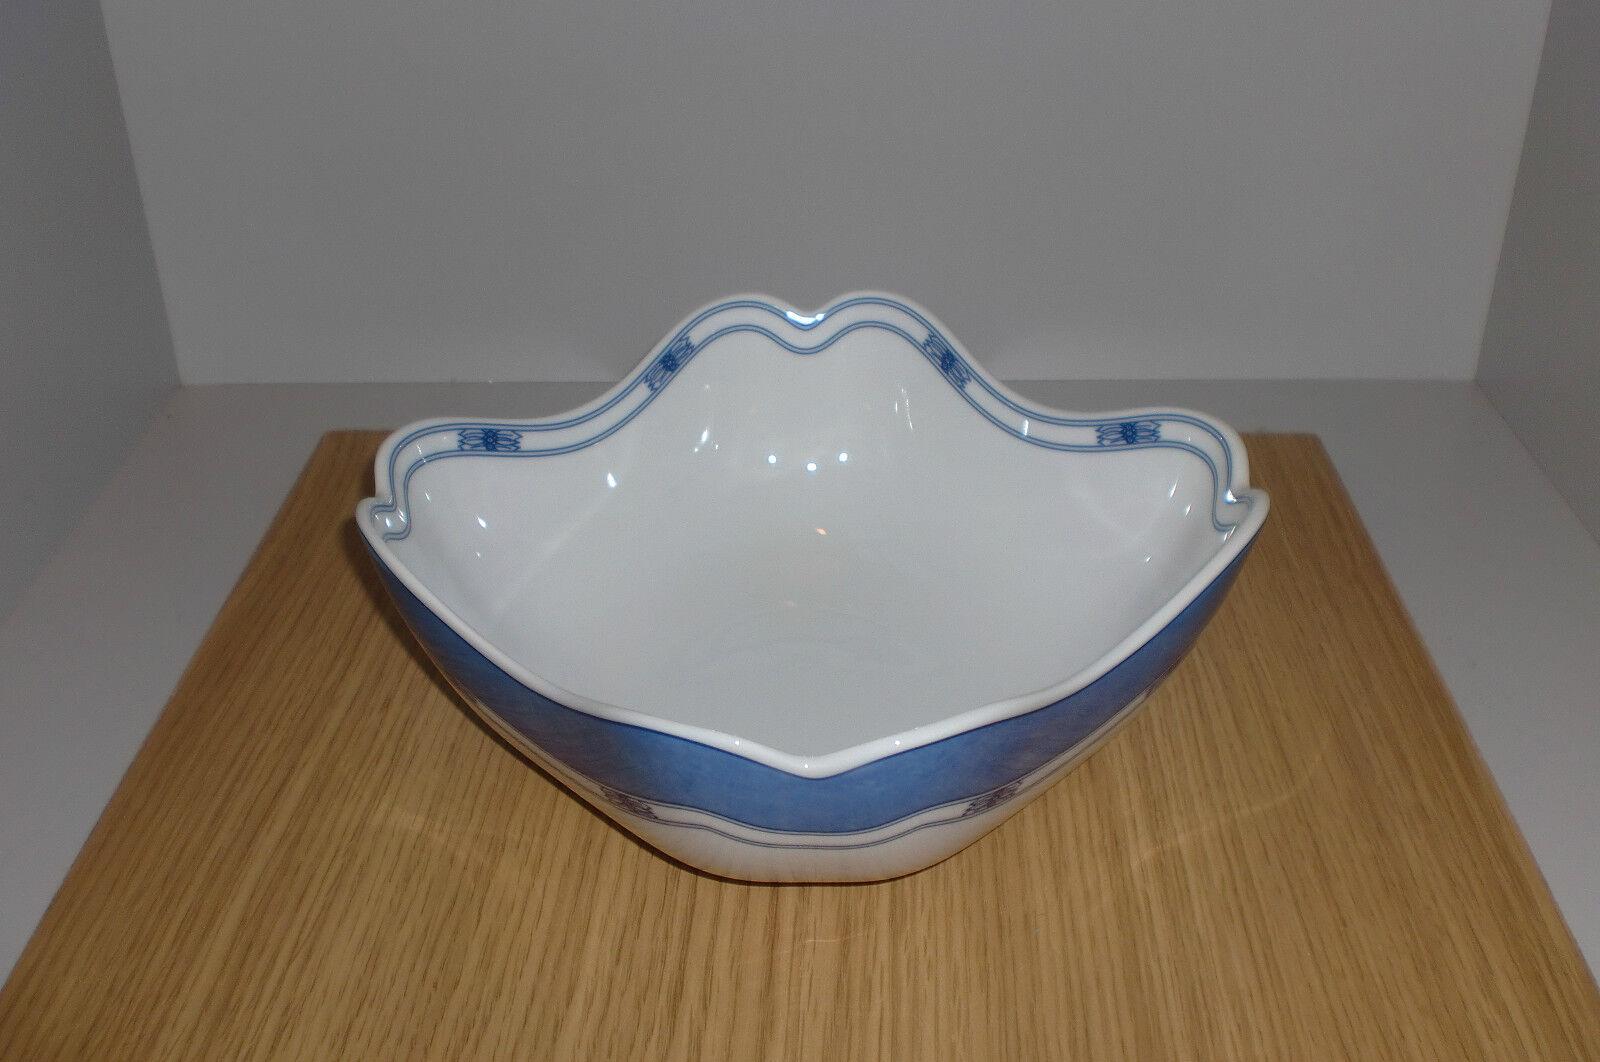 Hutschenreuther Scandic Blau  Schüssel 20 cm quadratisch   Qualität